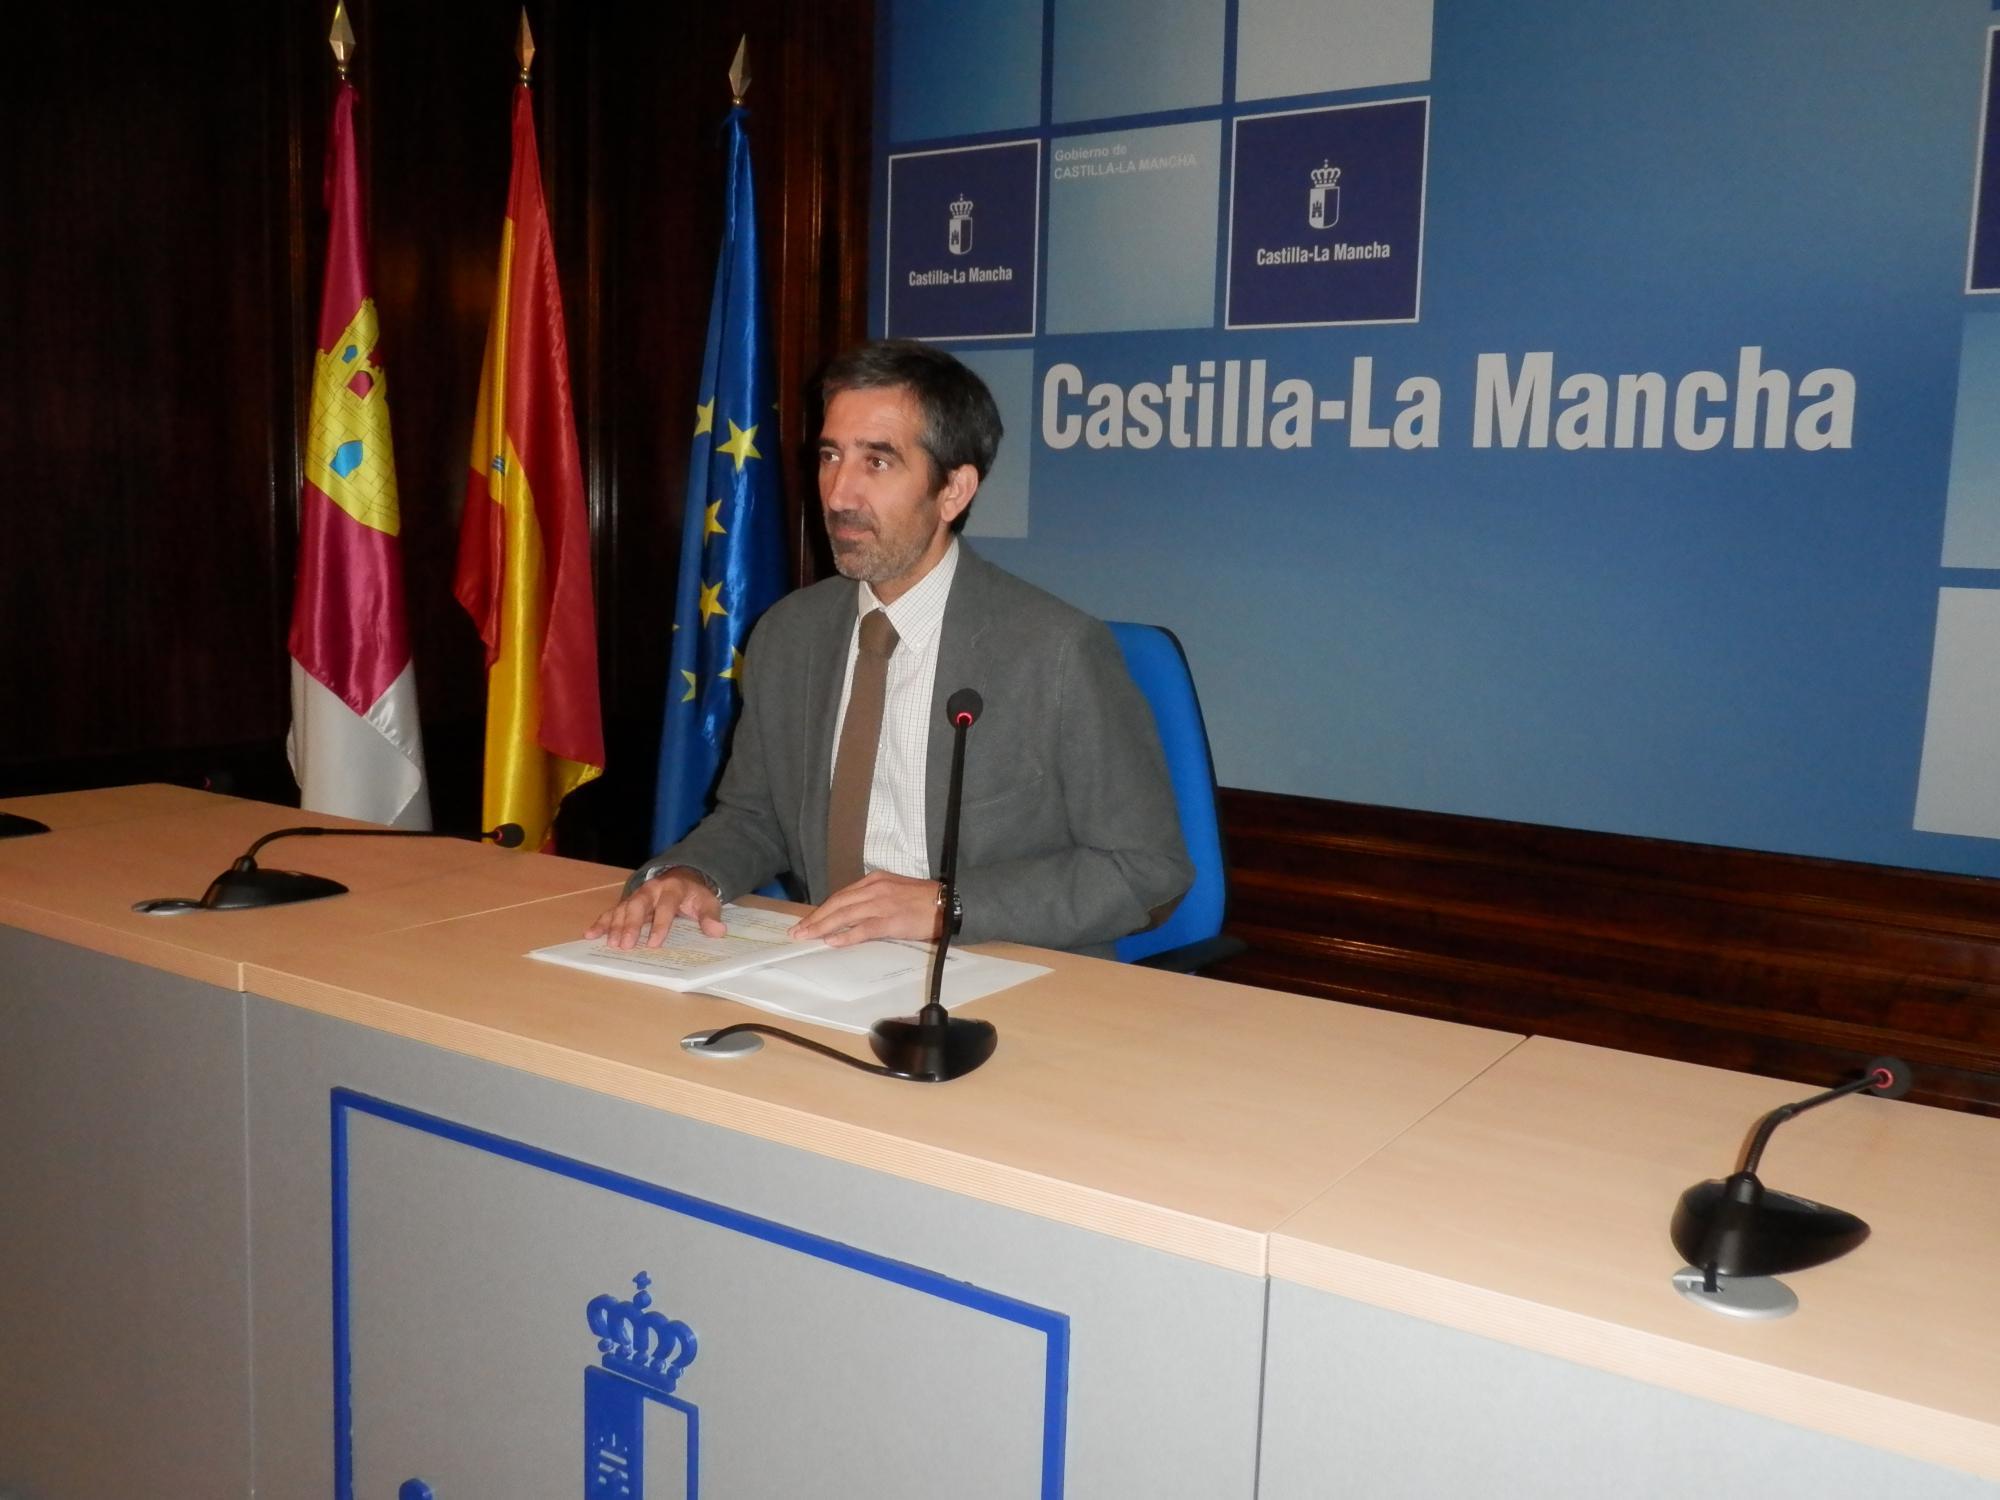 Condado destaca la inversión de 2,7 millones de euros para la prevención y recuperación de zona afectadas por incendios forestales